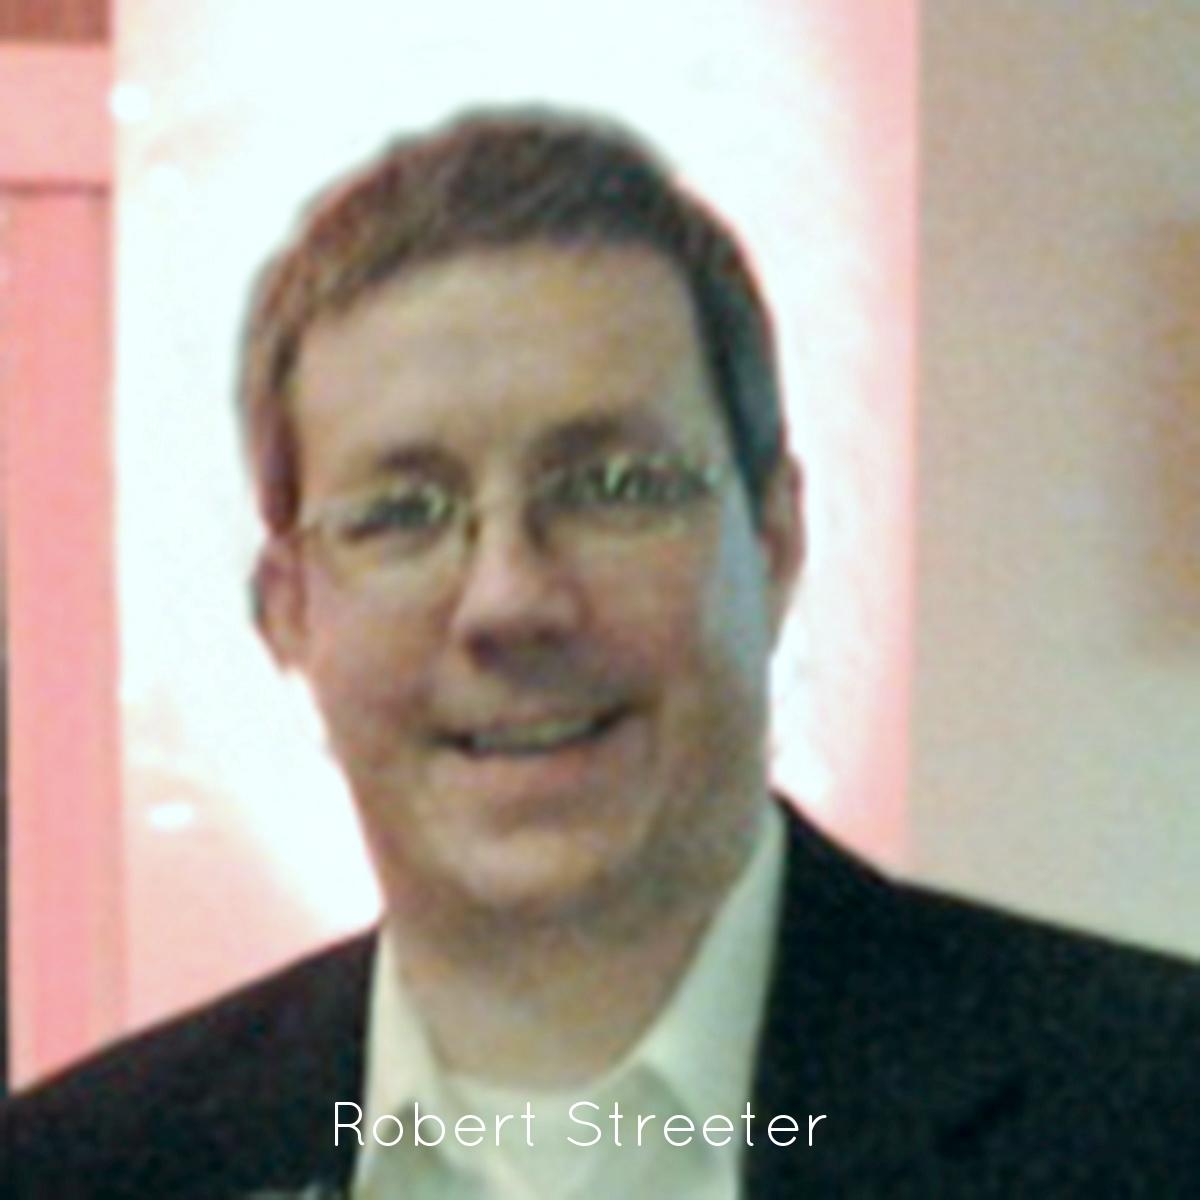 Streeter_Robert_headshot-15.jpg